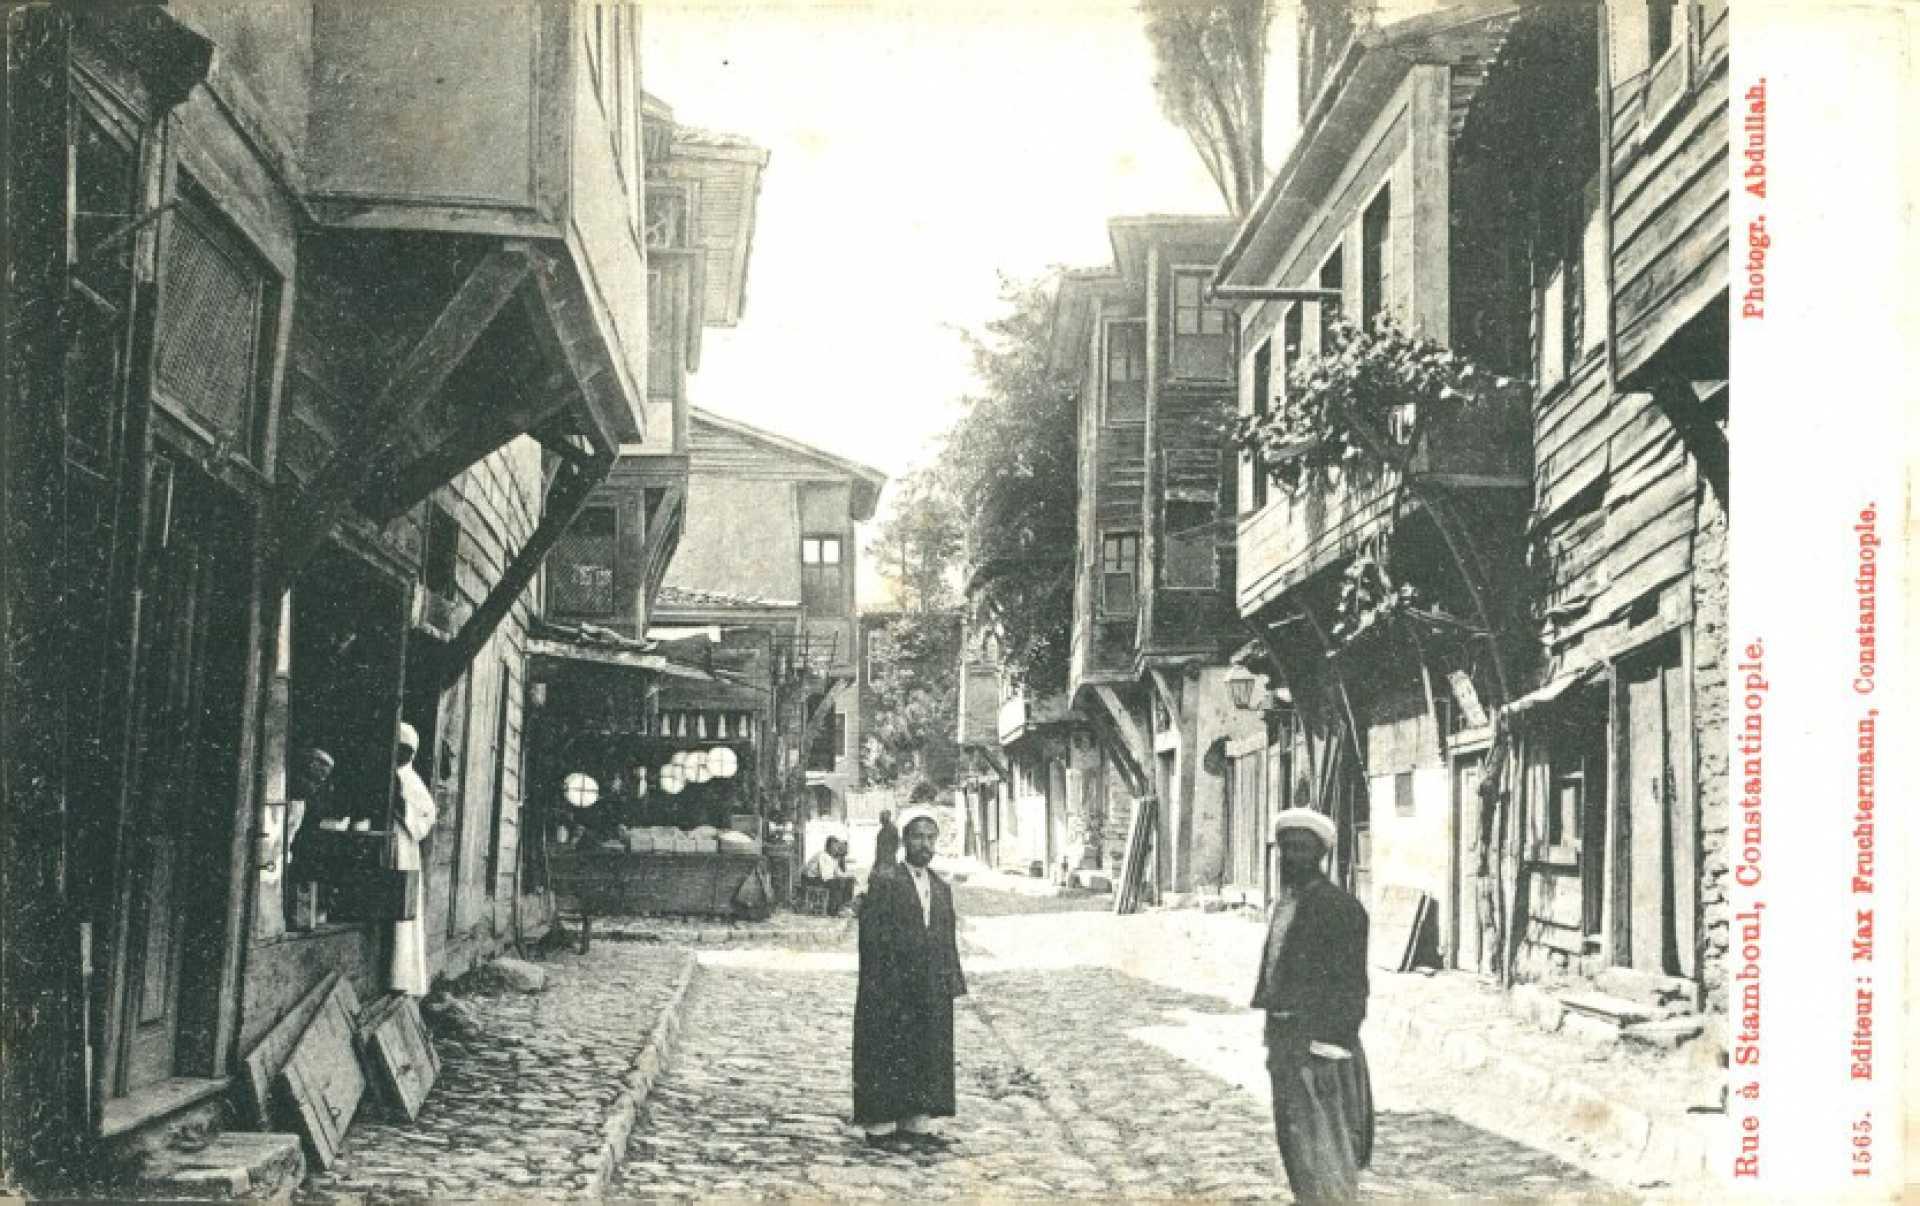 Rue a Stamboul